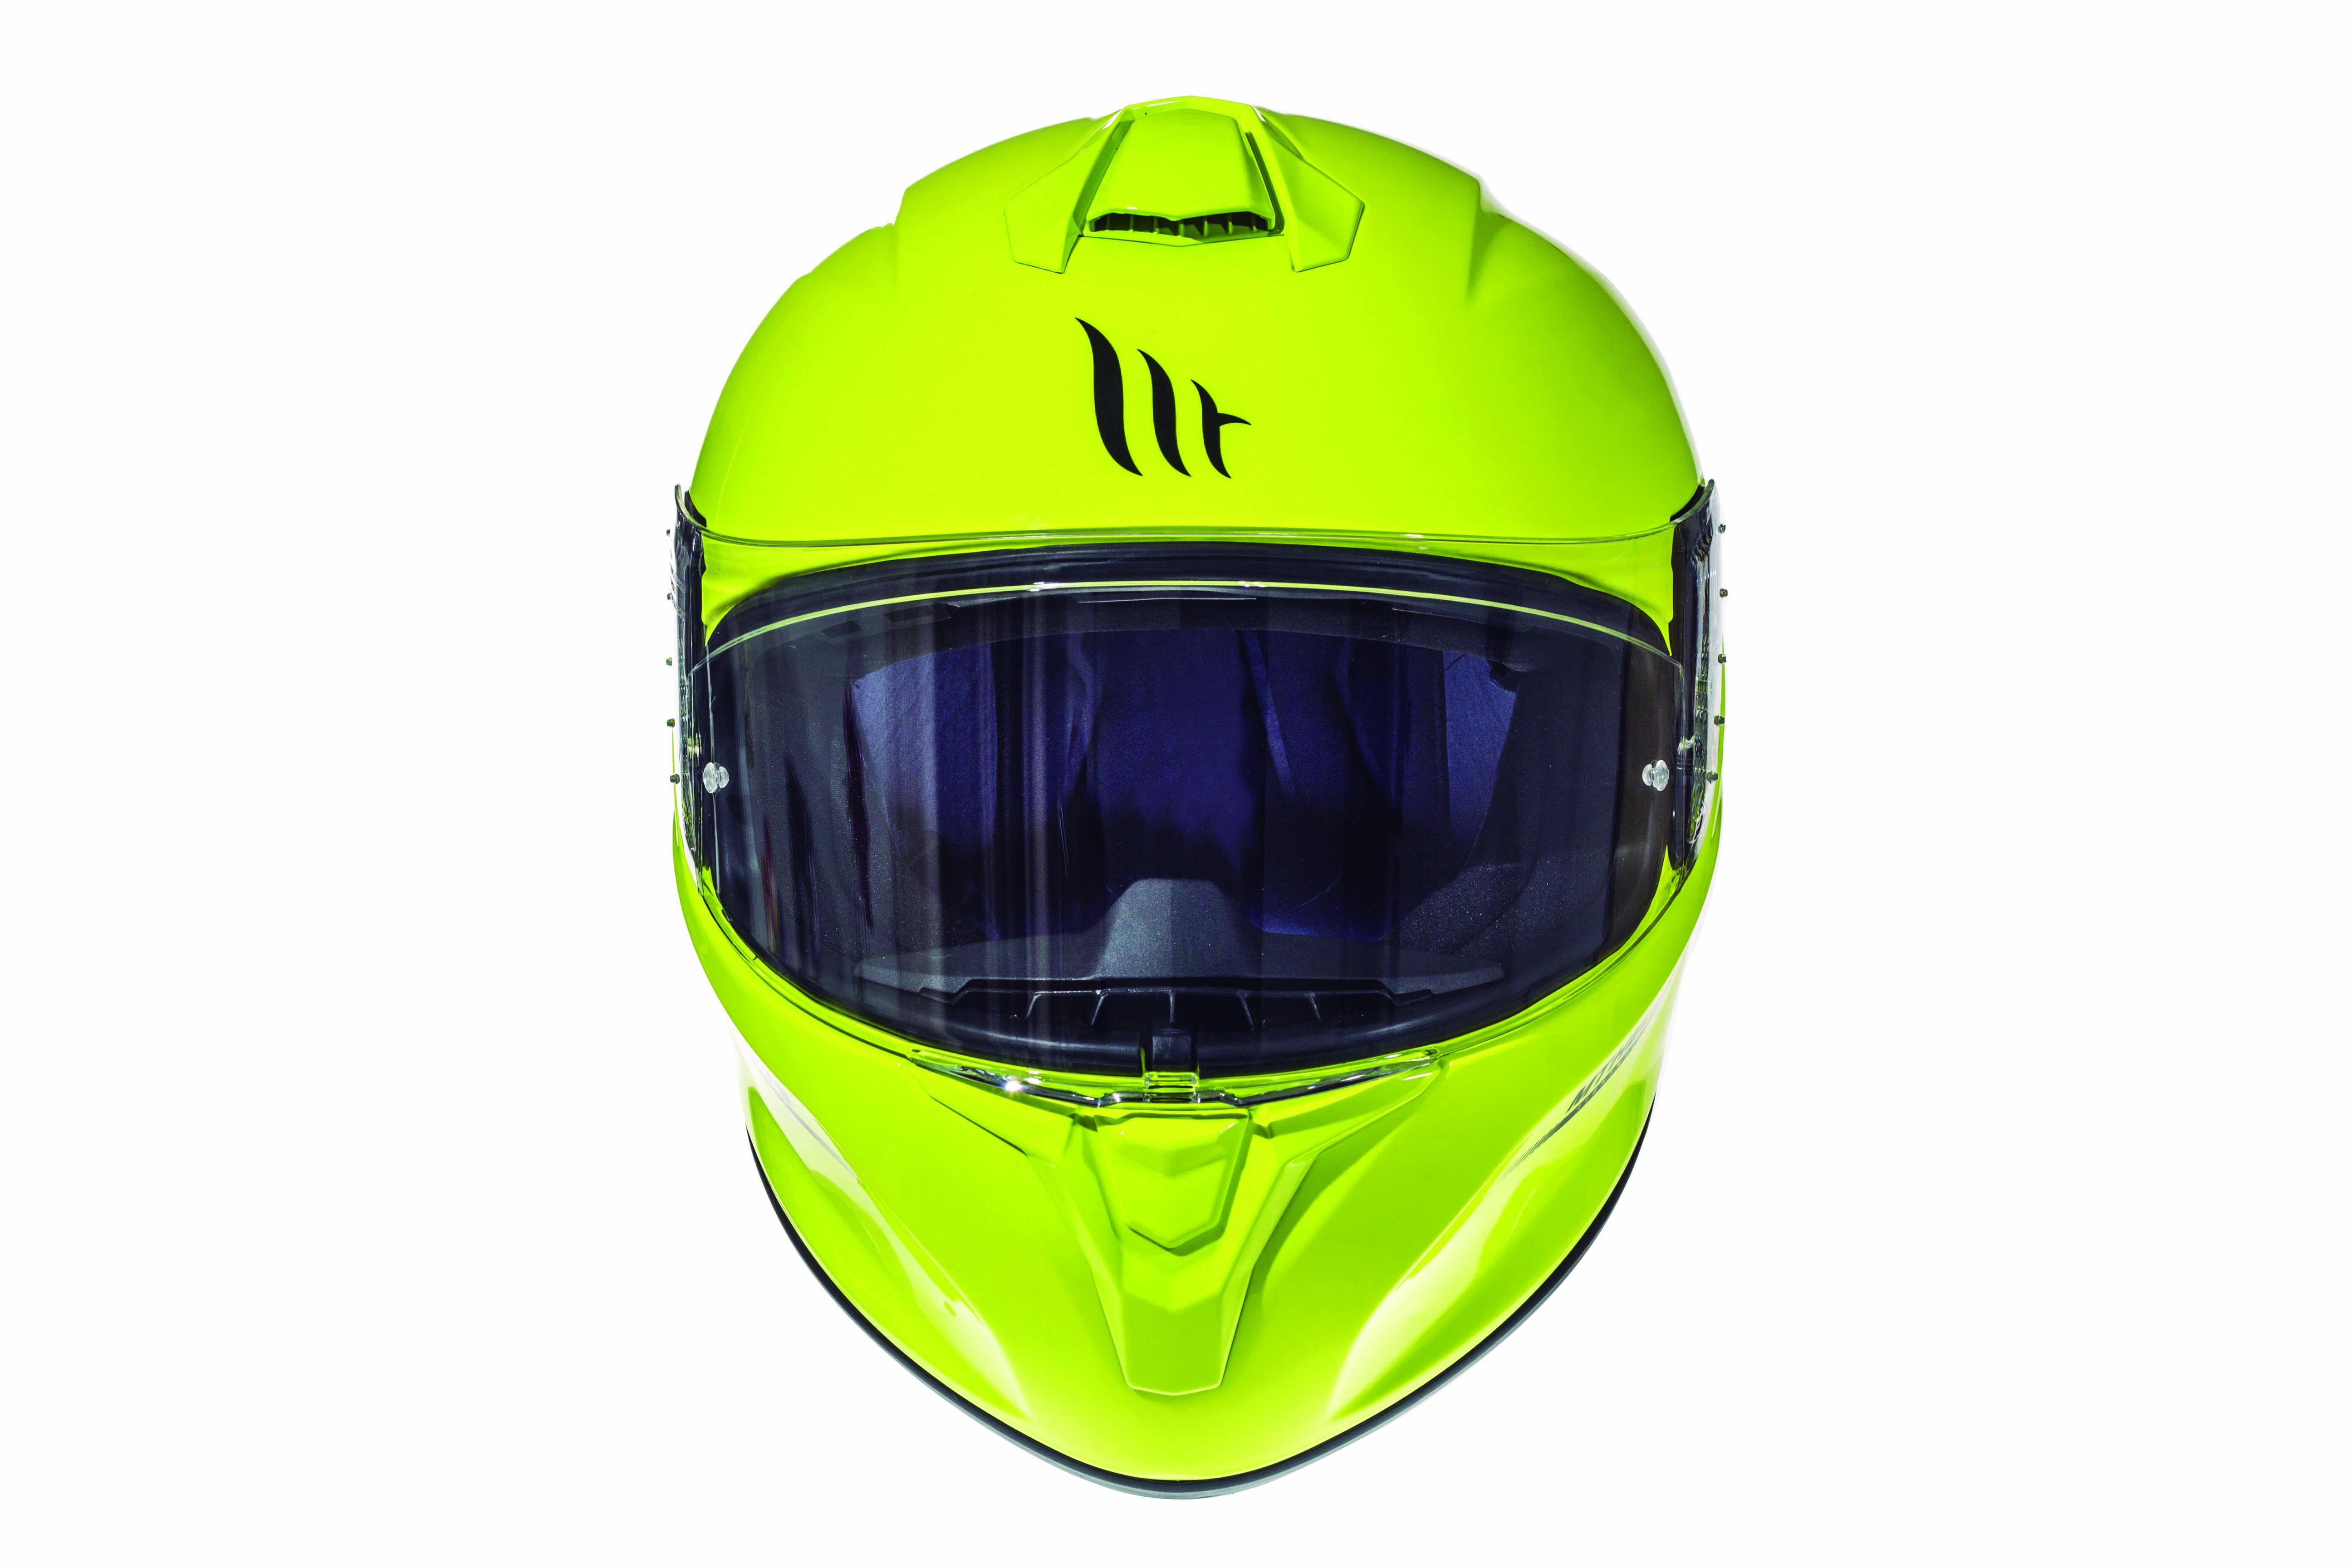 Integrální přilba na motorku MT Targo fluo žlutá